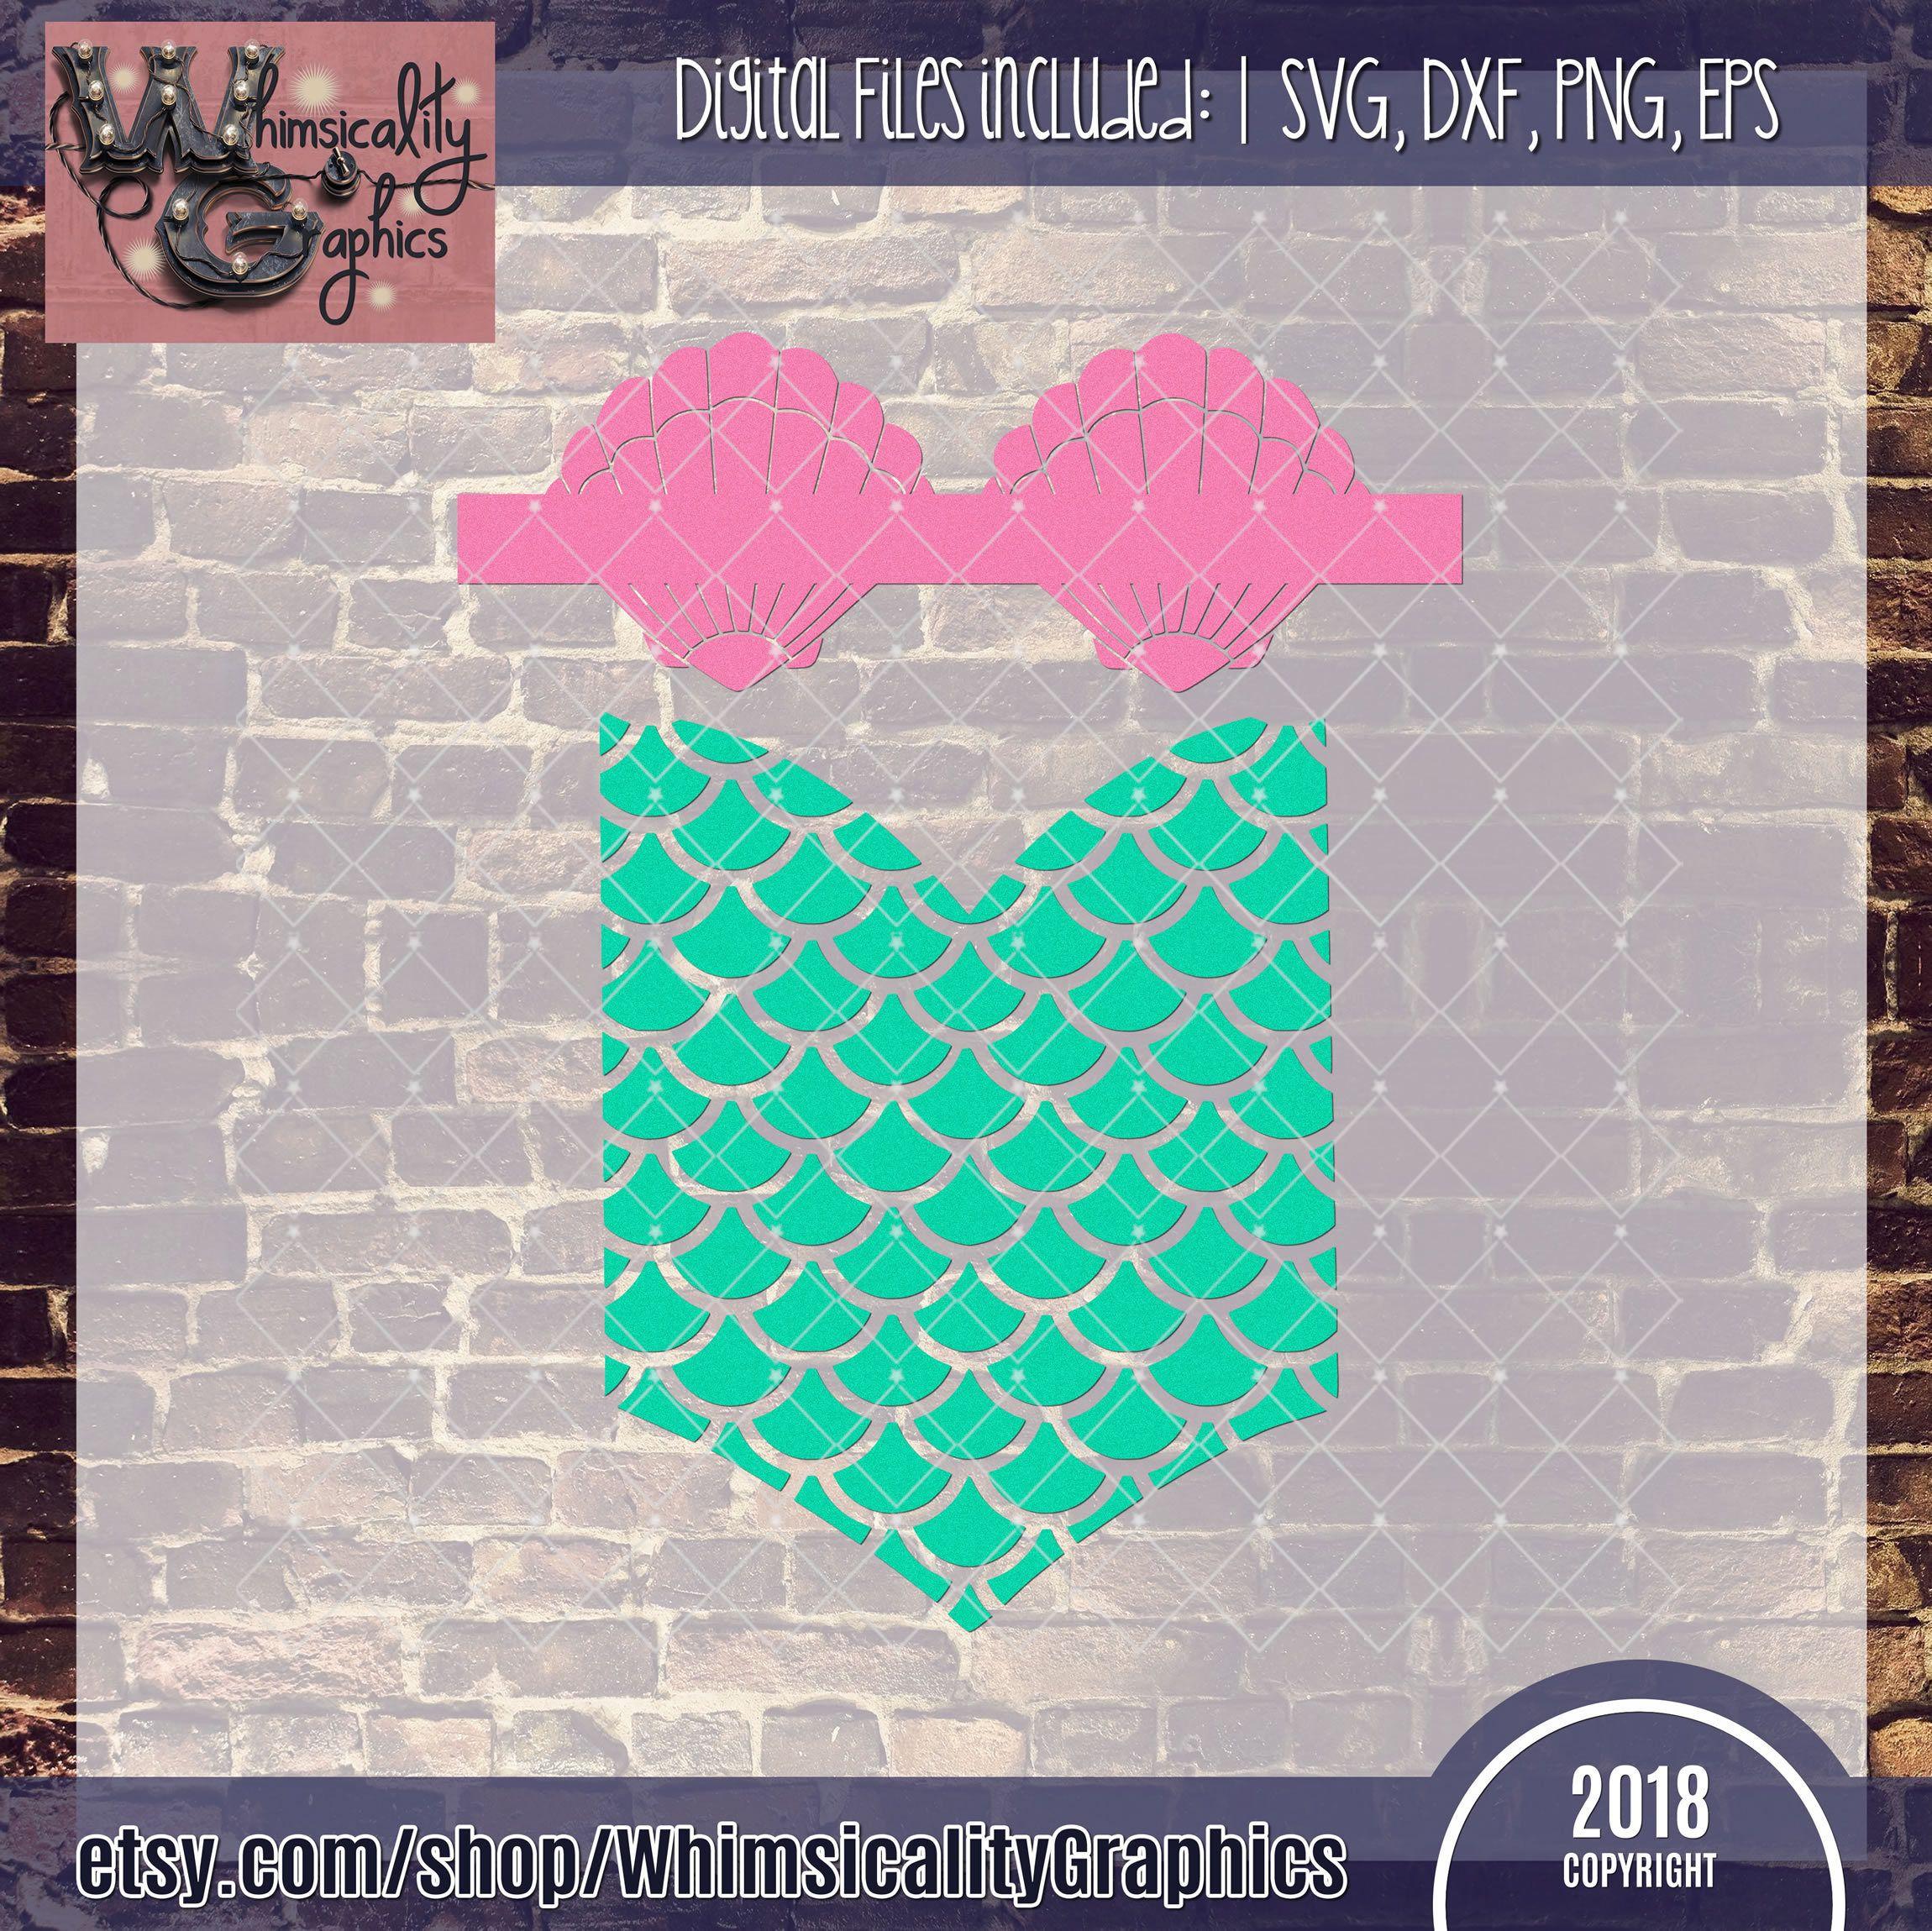 Download Mermaid Cutie SVG, DXF, PNG, EPS | Cricut design, Shop up